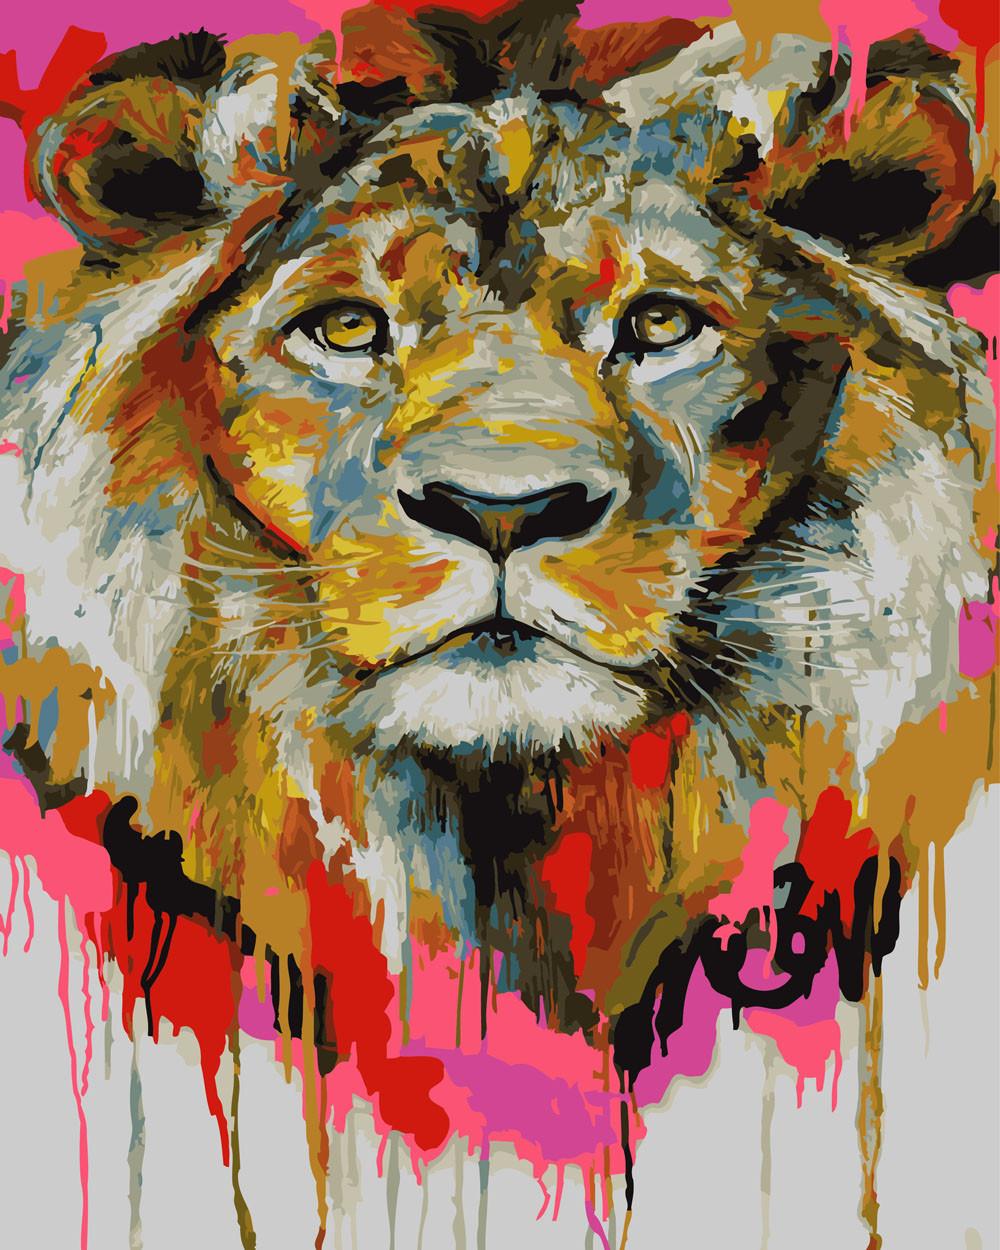 Картина по номерам Красочный лев 40 х 50 см (BK-GX23240)